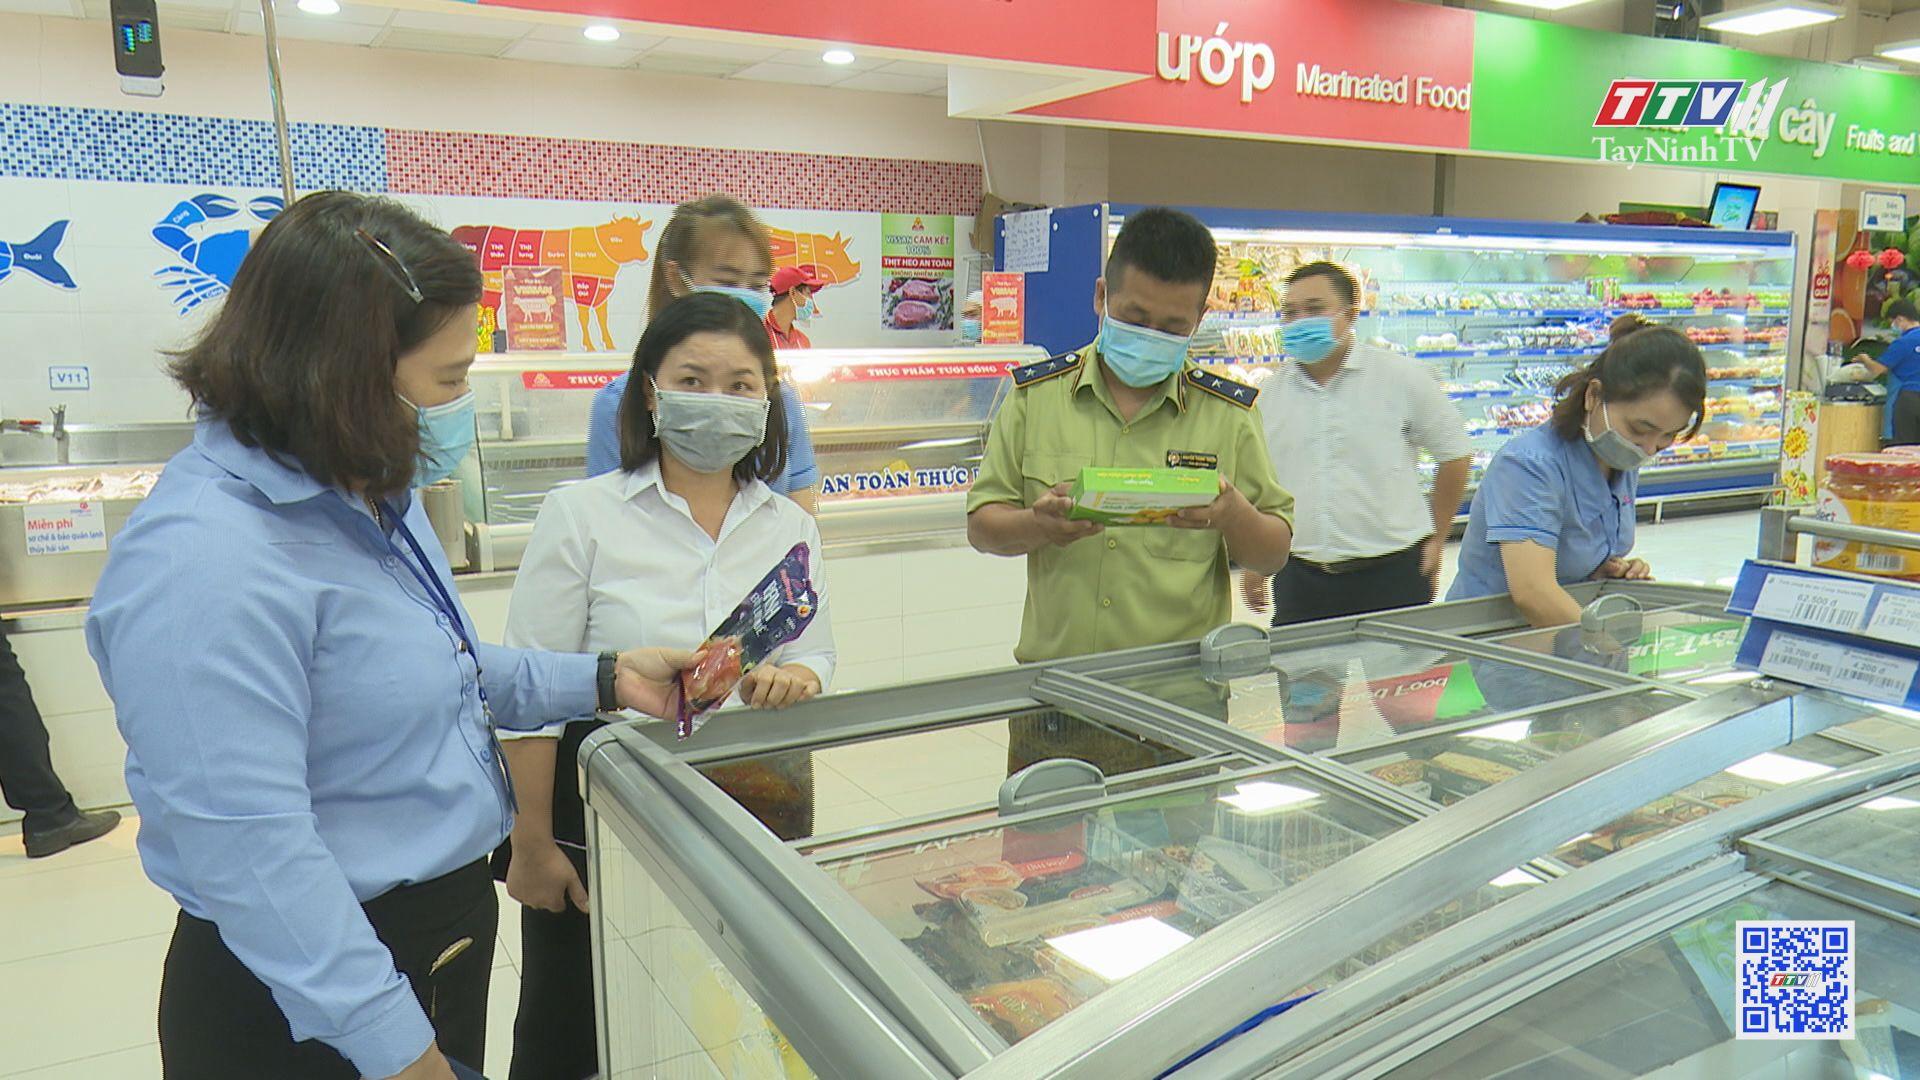 Tăng cường phòng chống buôn lậu, gian lận thương mại đảm bảo vệ sinh an toàn thực phẩm | TIẾNG NÓI CỬ TRI | TayNinhTV